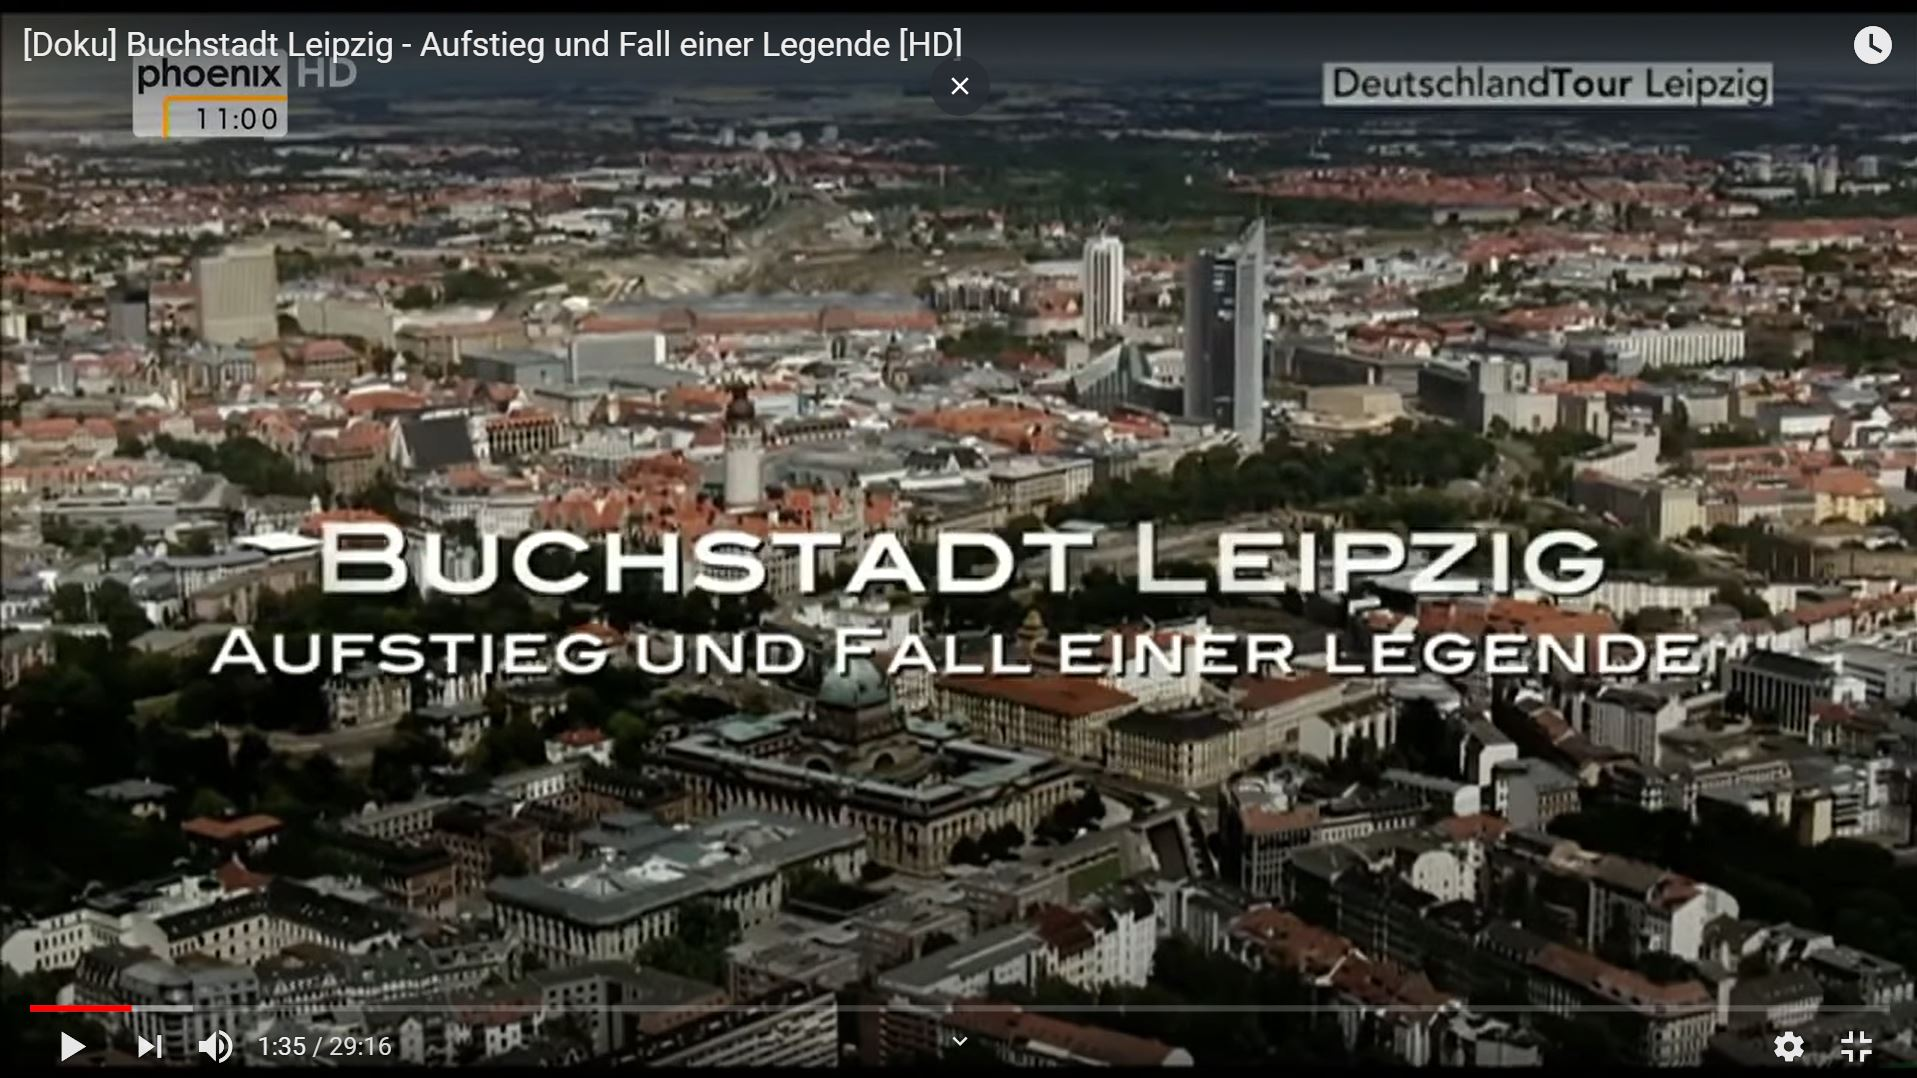 ARD-Doku: Buchstadt Leipzig - Aufstieg und Fall einer Legende